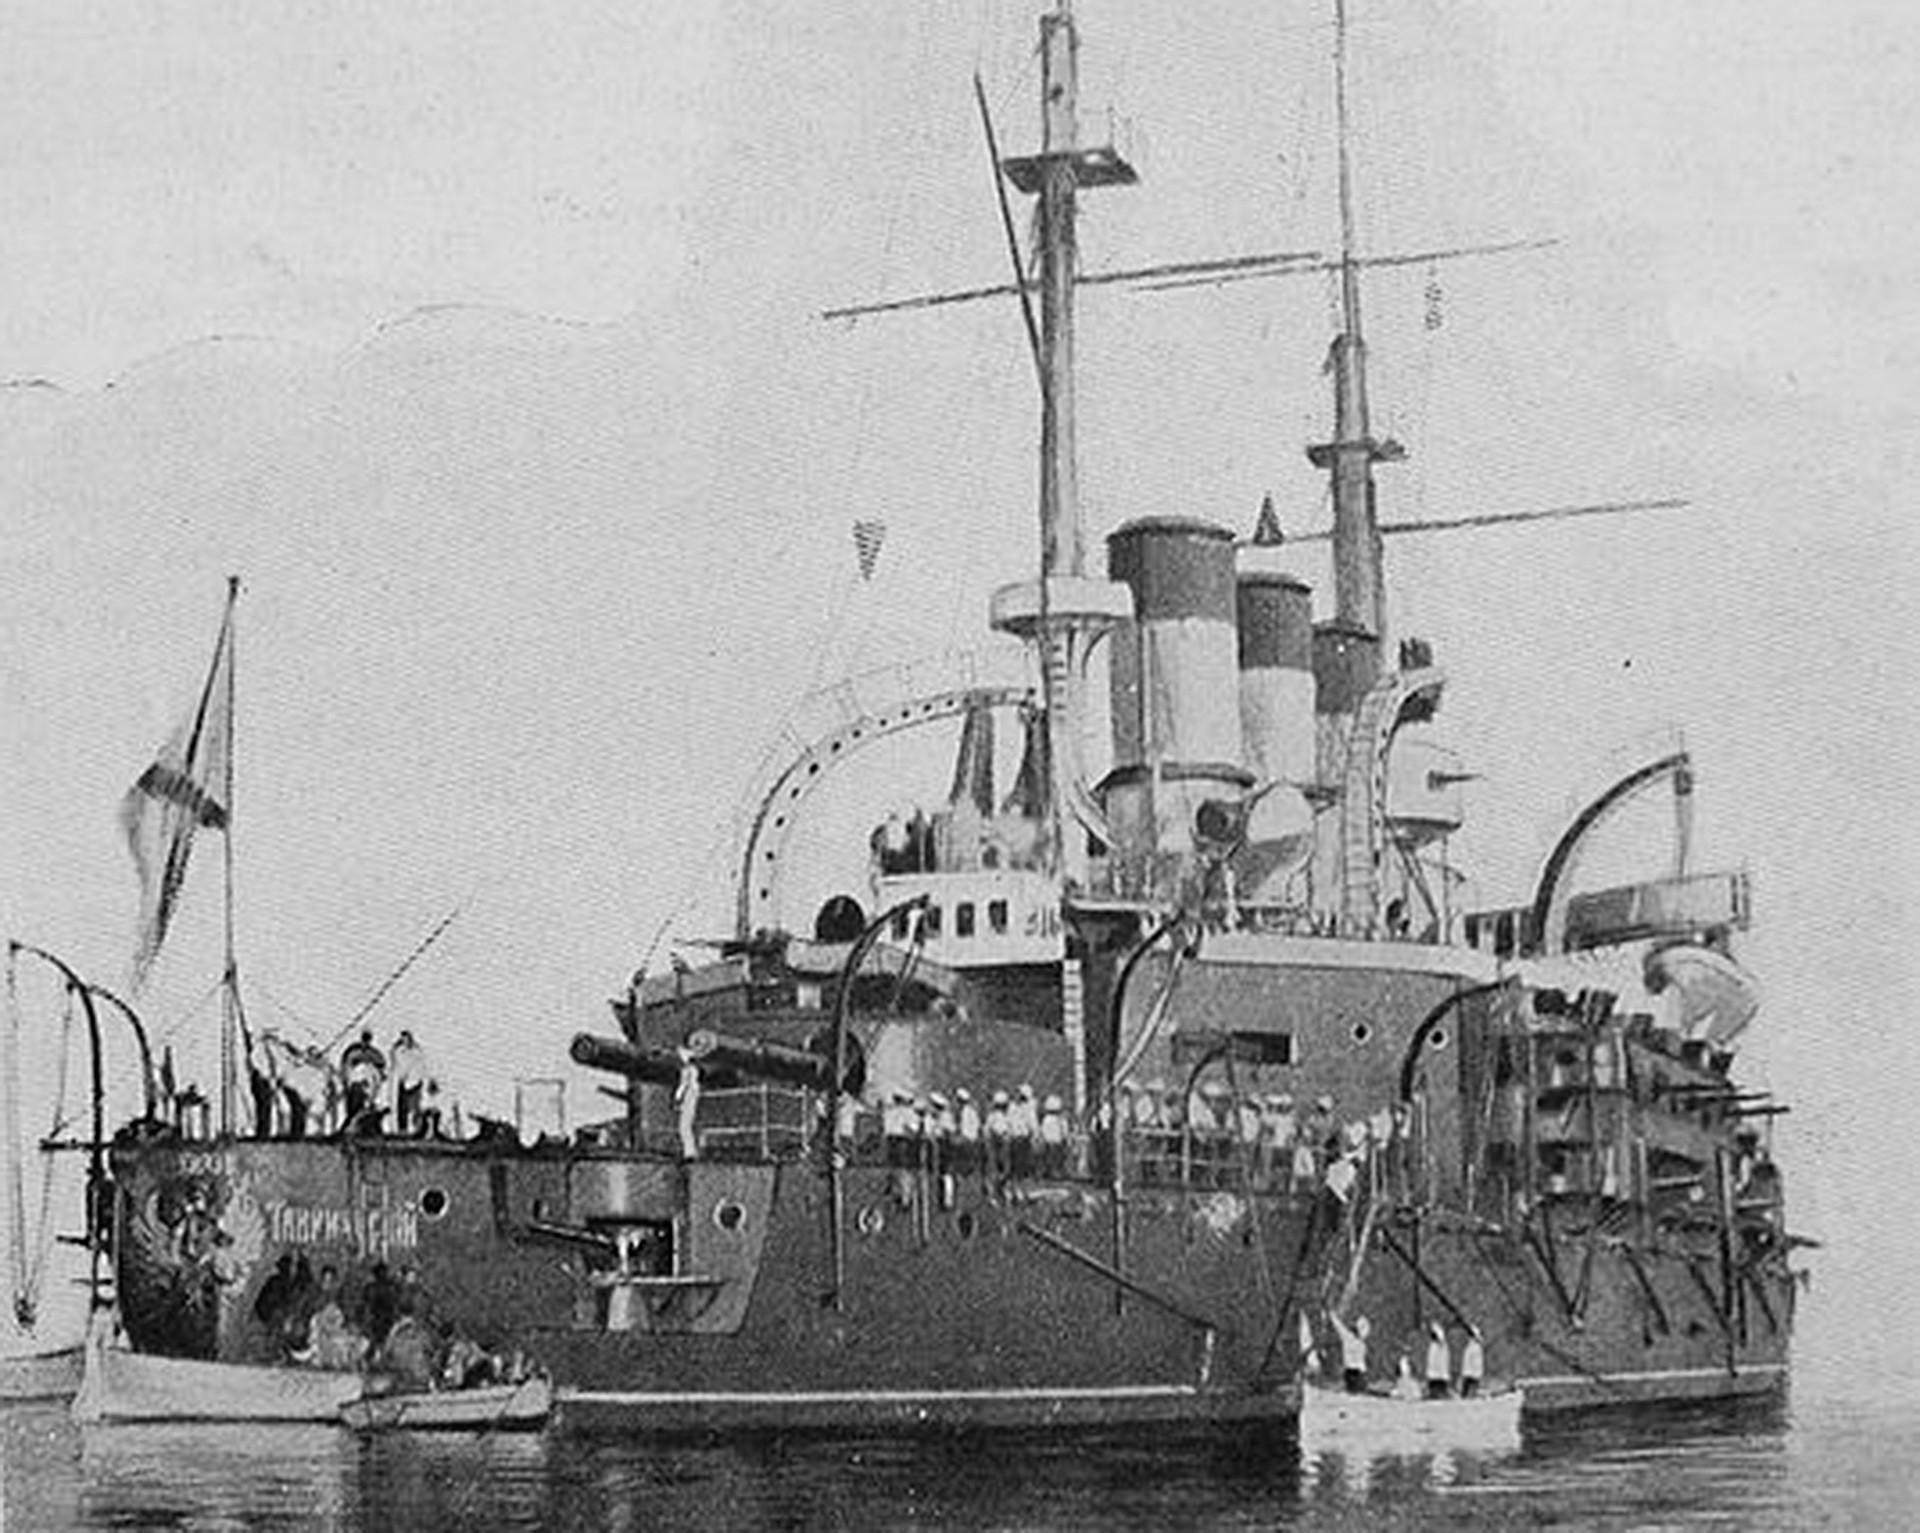 戦艦ポチョムキン=タヴリーチェスキー公、コンスタンツァ港、1905年7月